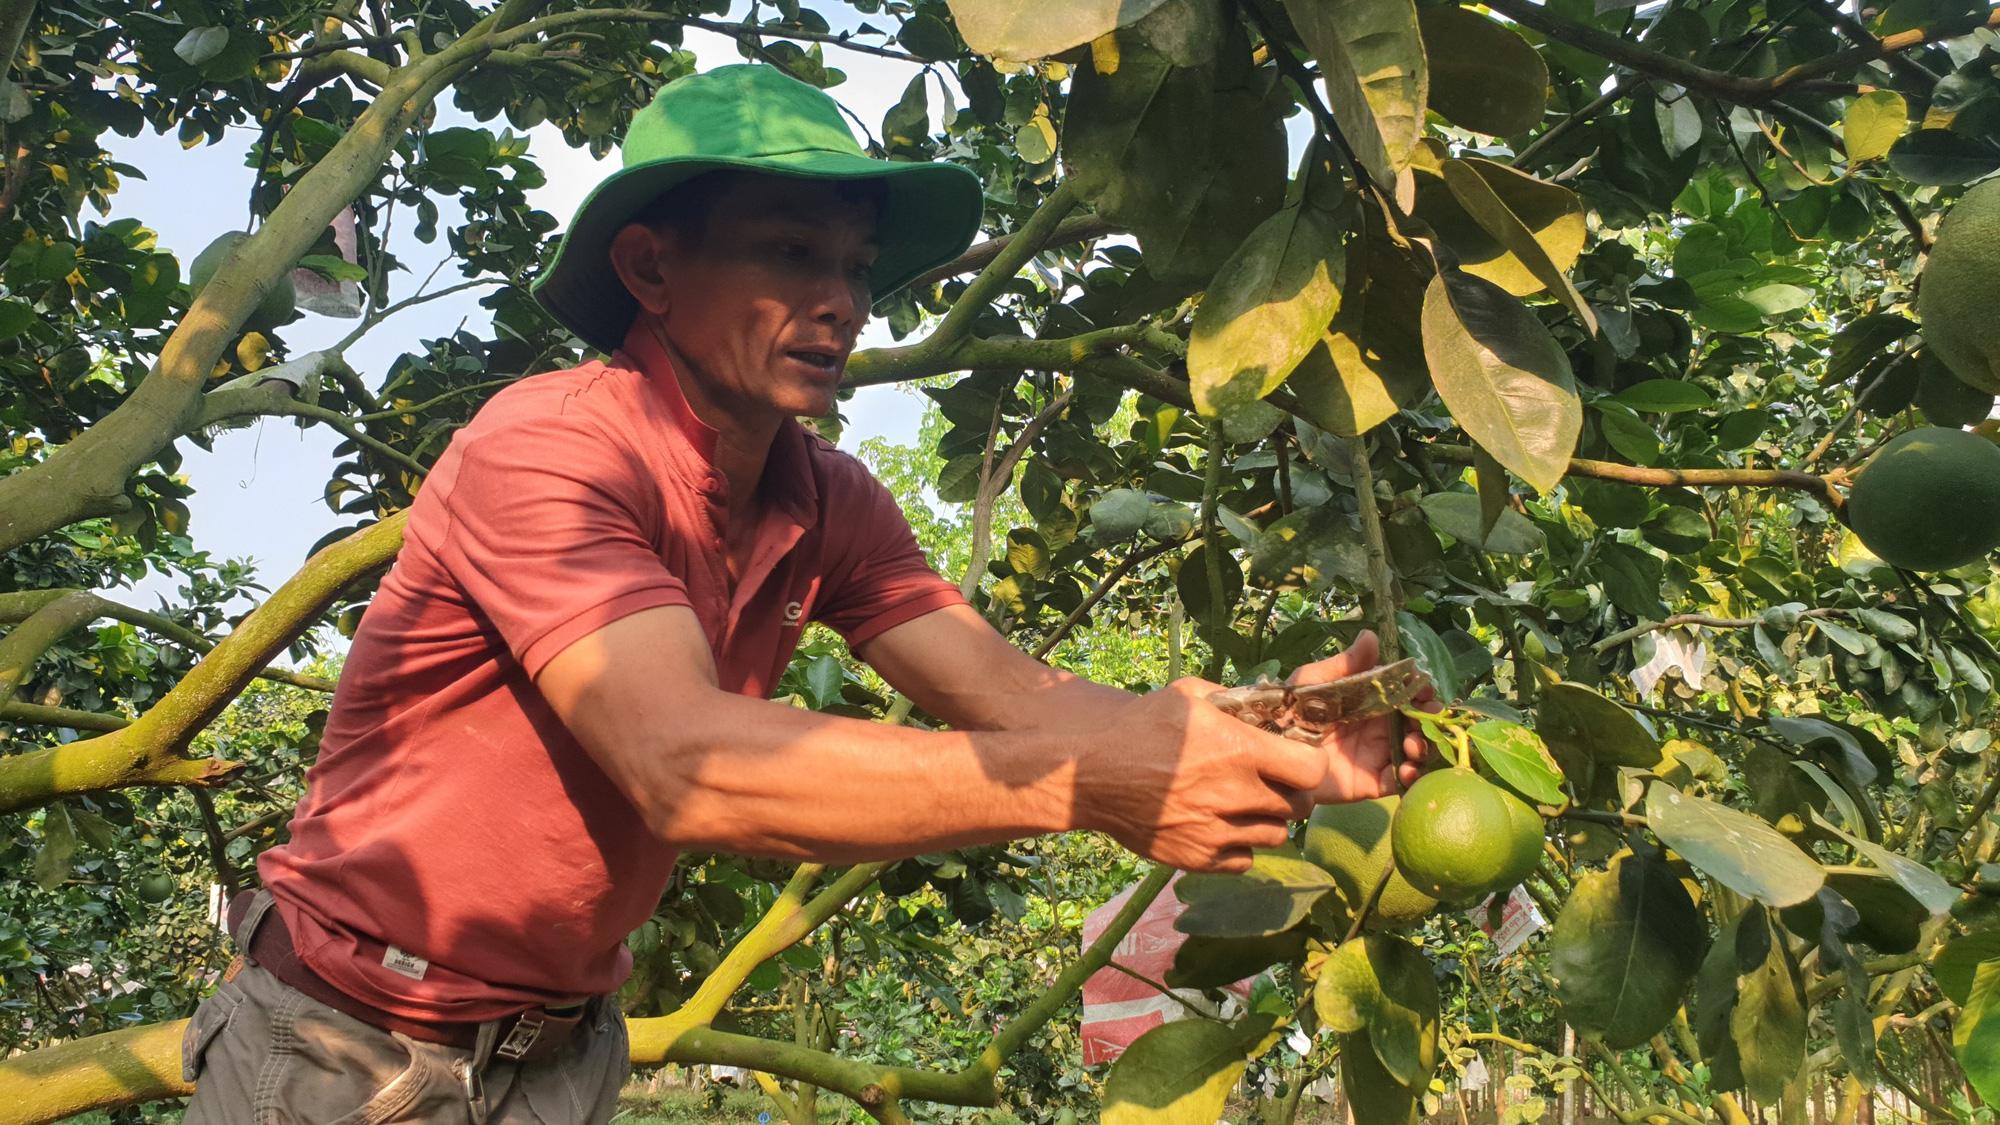 Sử dụng hỗn hợp này để trồng bưởi da xanh, lão nông này thu về tiền tỷ mỗi năm - Ảnh 1.